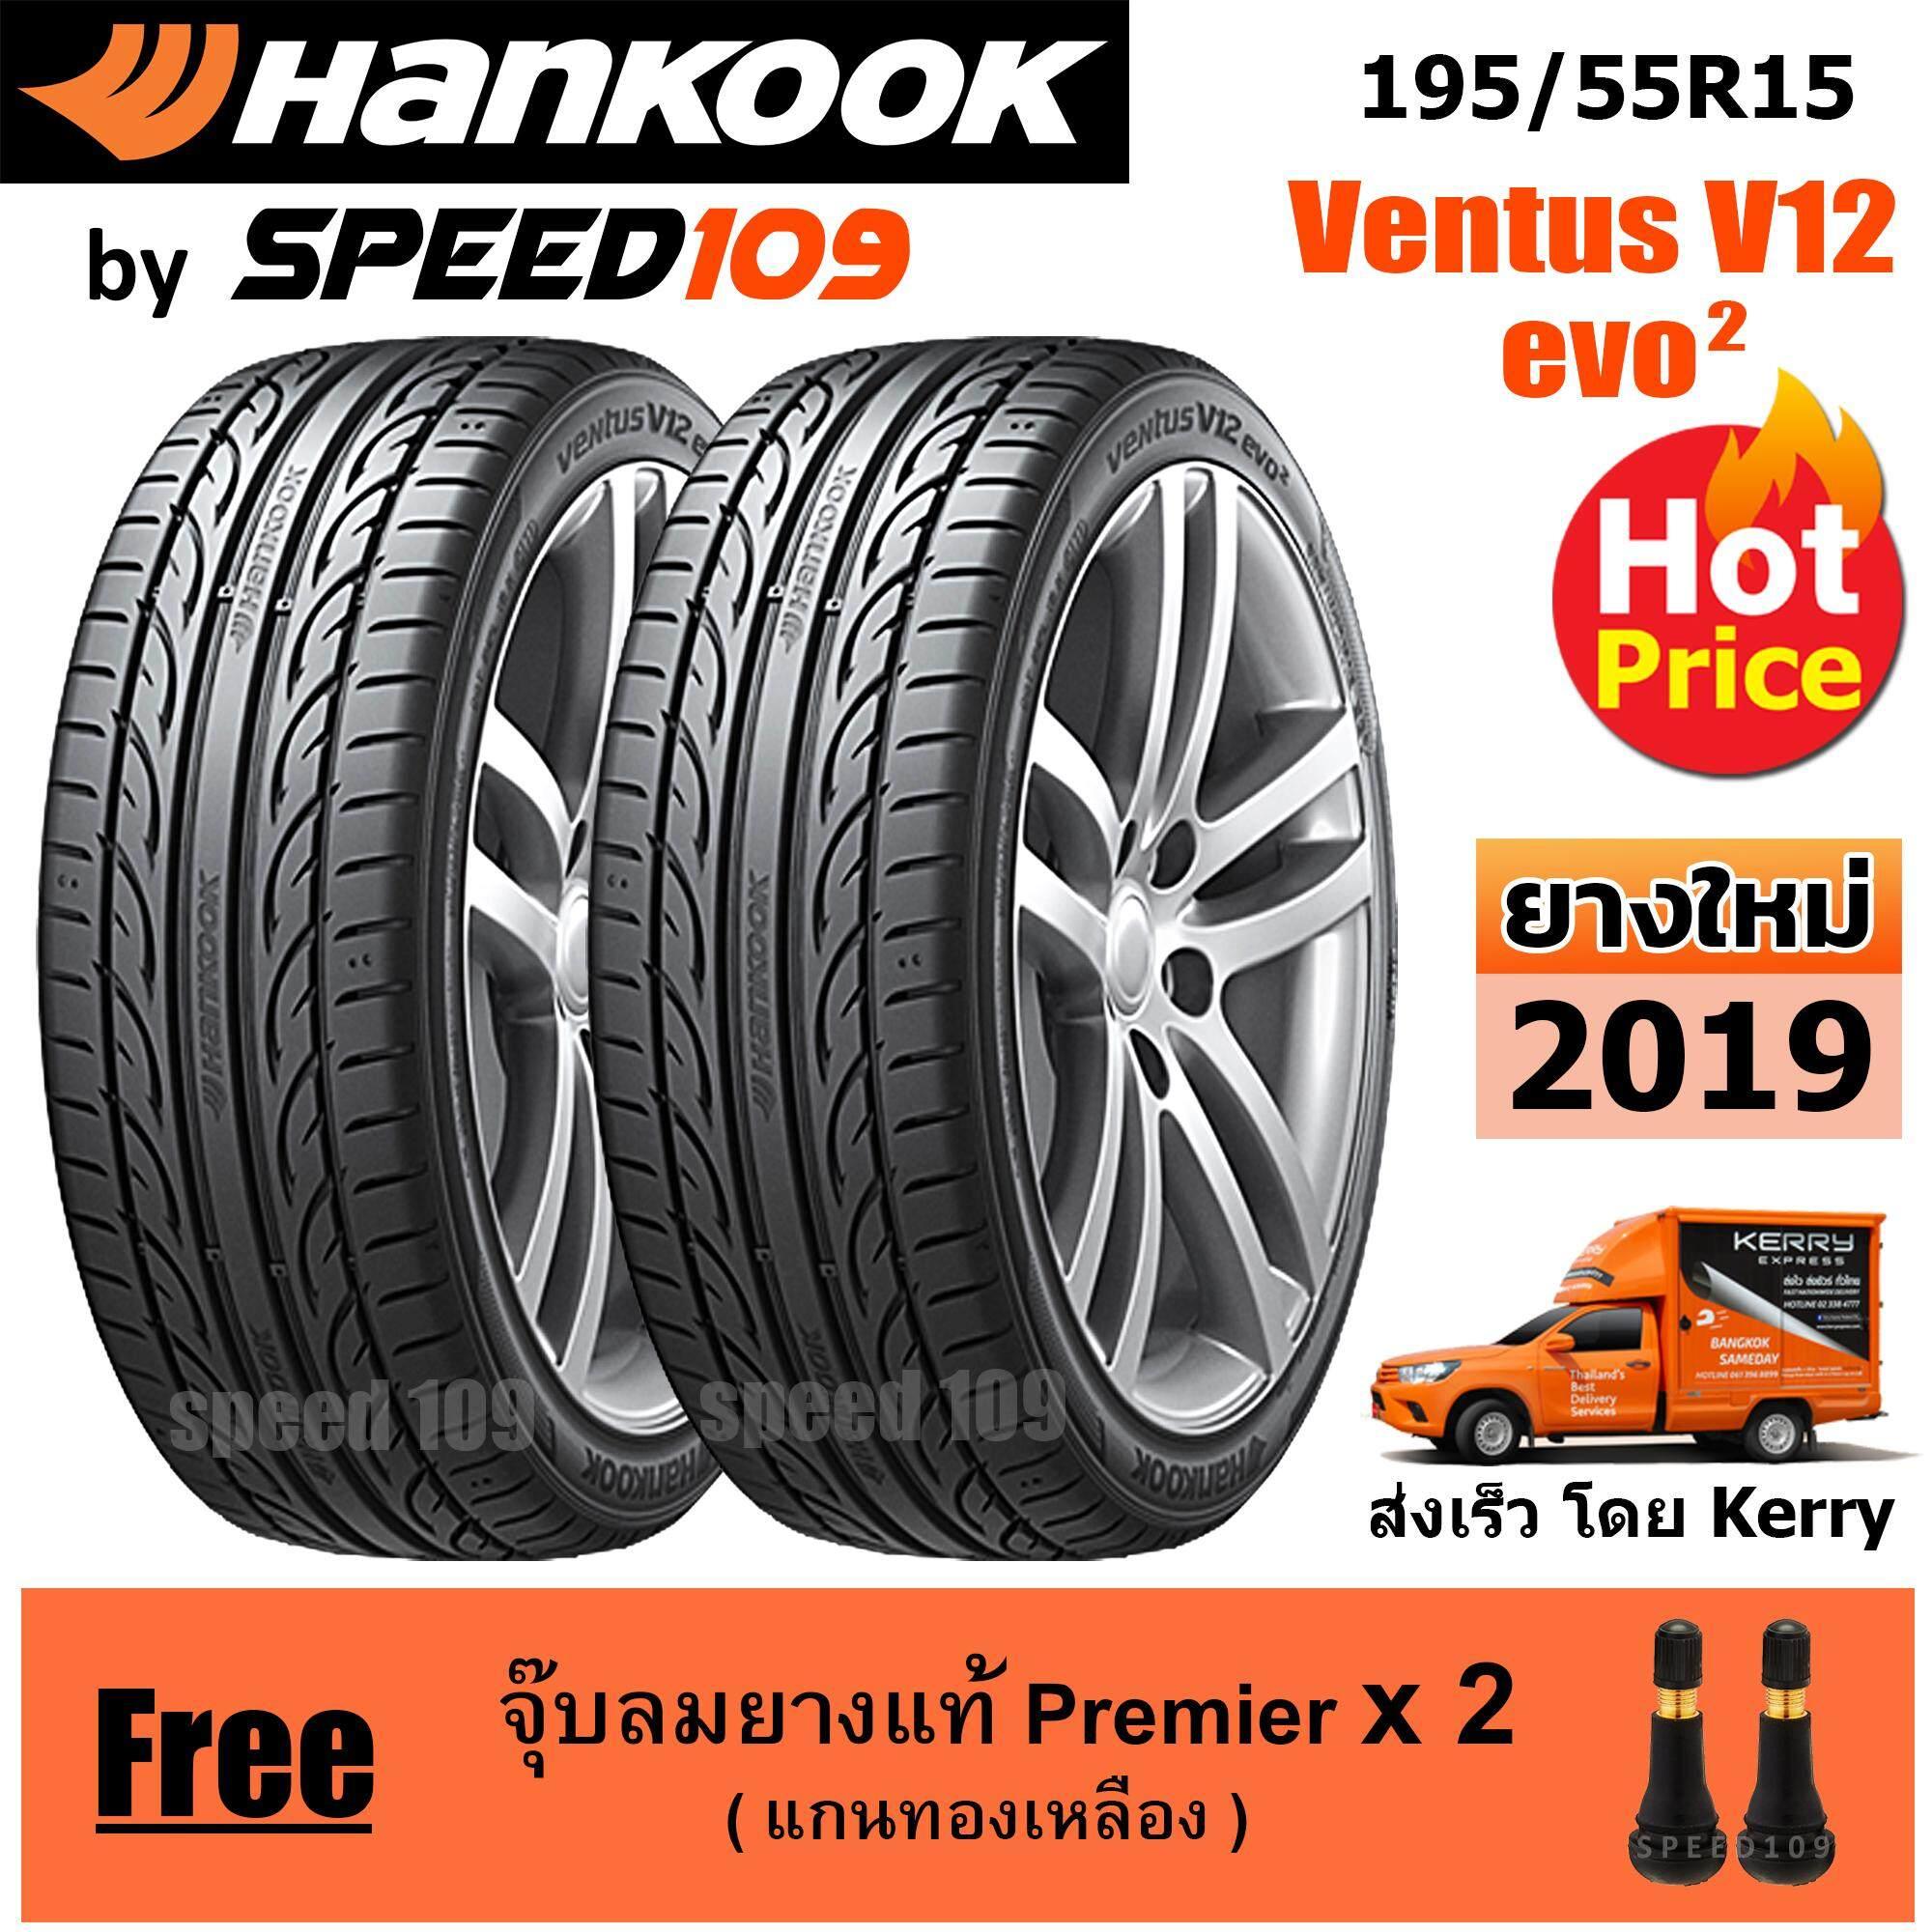 ประกันภัย รถยนต์ 3 พลัส ราคา ถูก อุดรธานี HANKOOK ยางรถยนต์ ขอบ 15 ขนาด 195/55R15 รุ่น Ventus V12 Evo2 - 2 เส้น (ปี 2019)